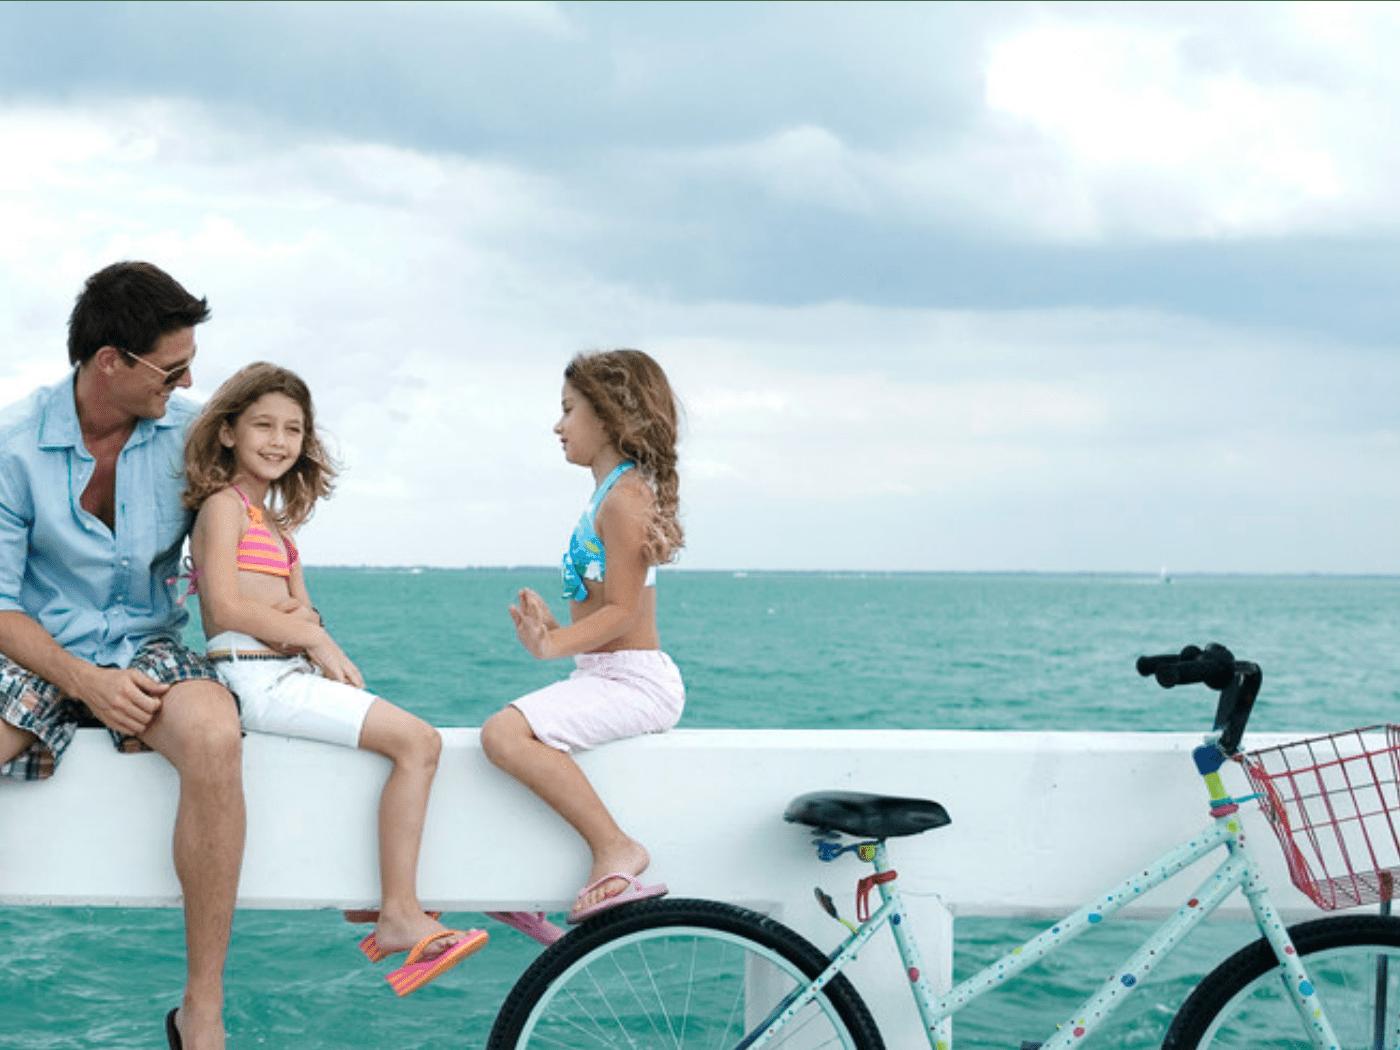 Un padre y sus hijas en un muelle con una bicicleta